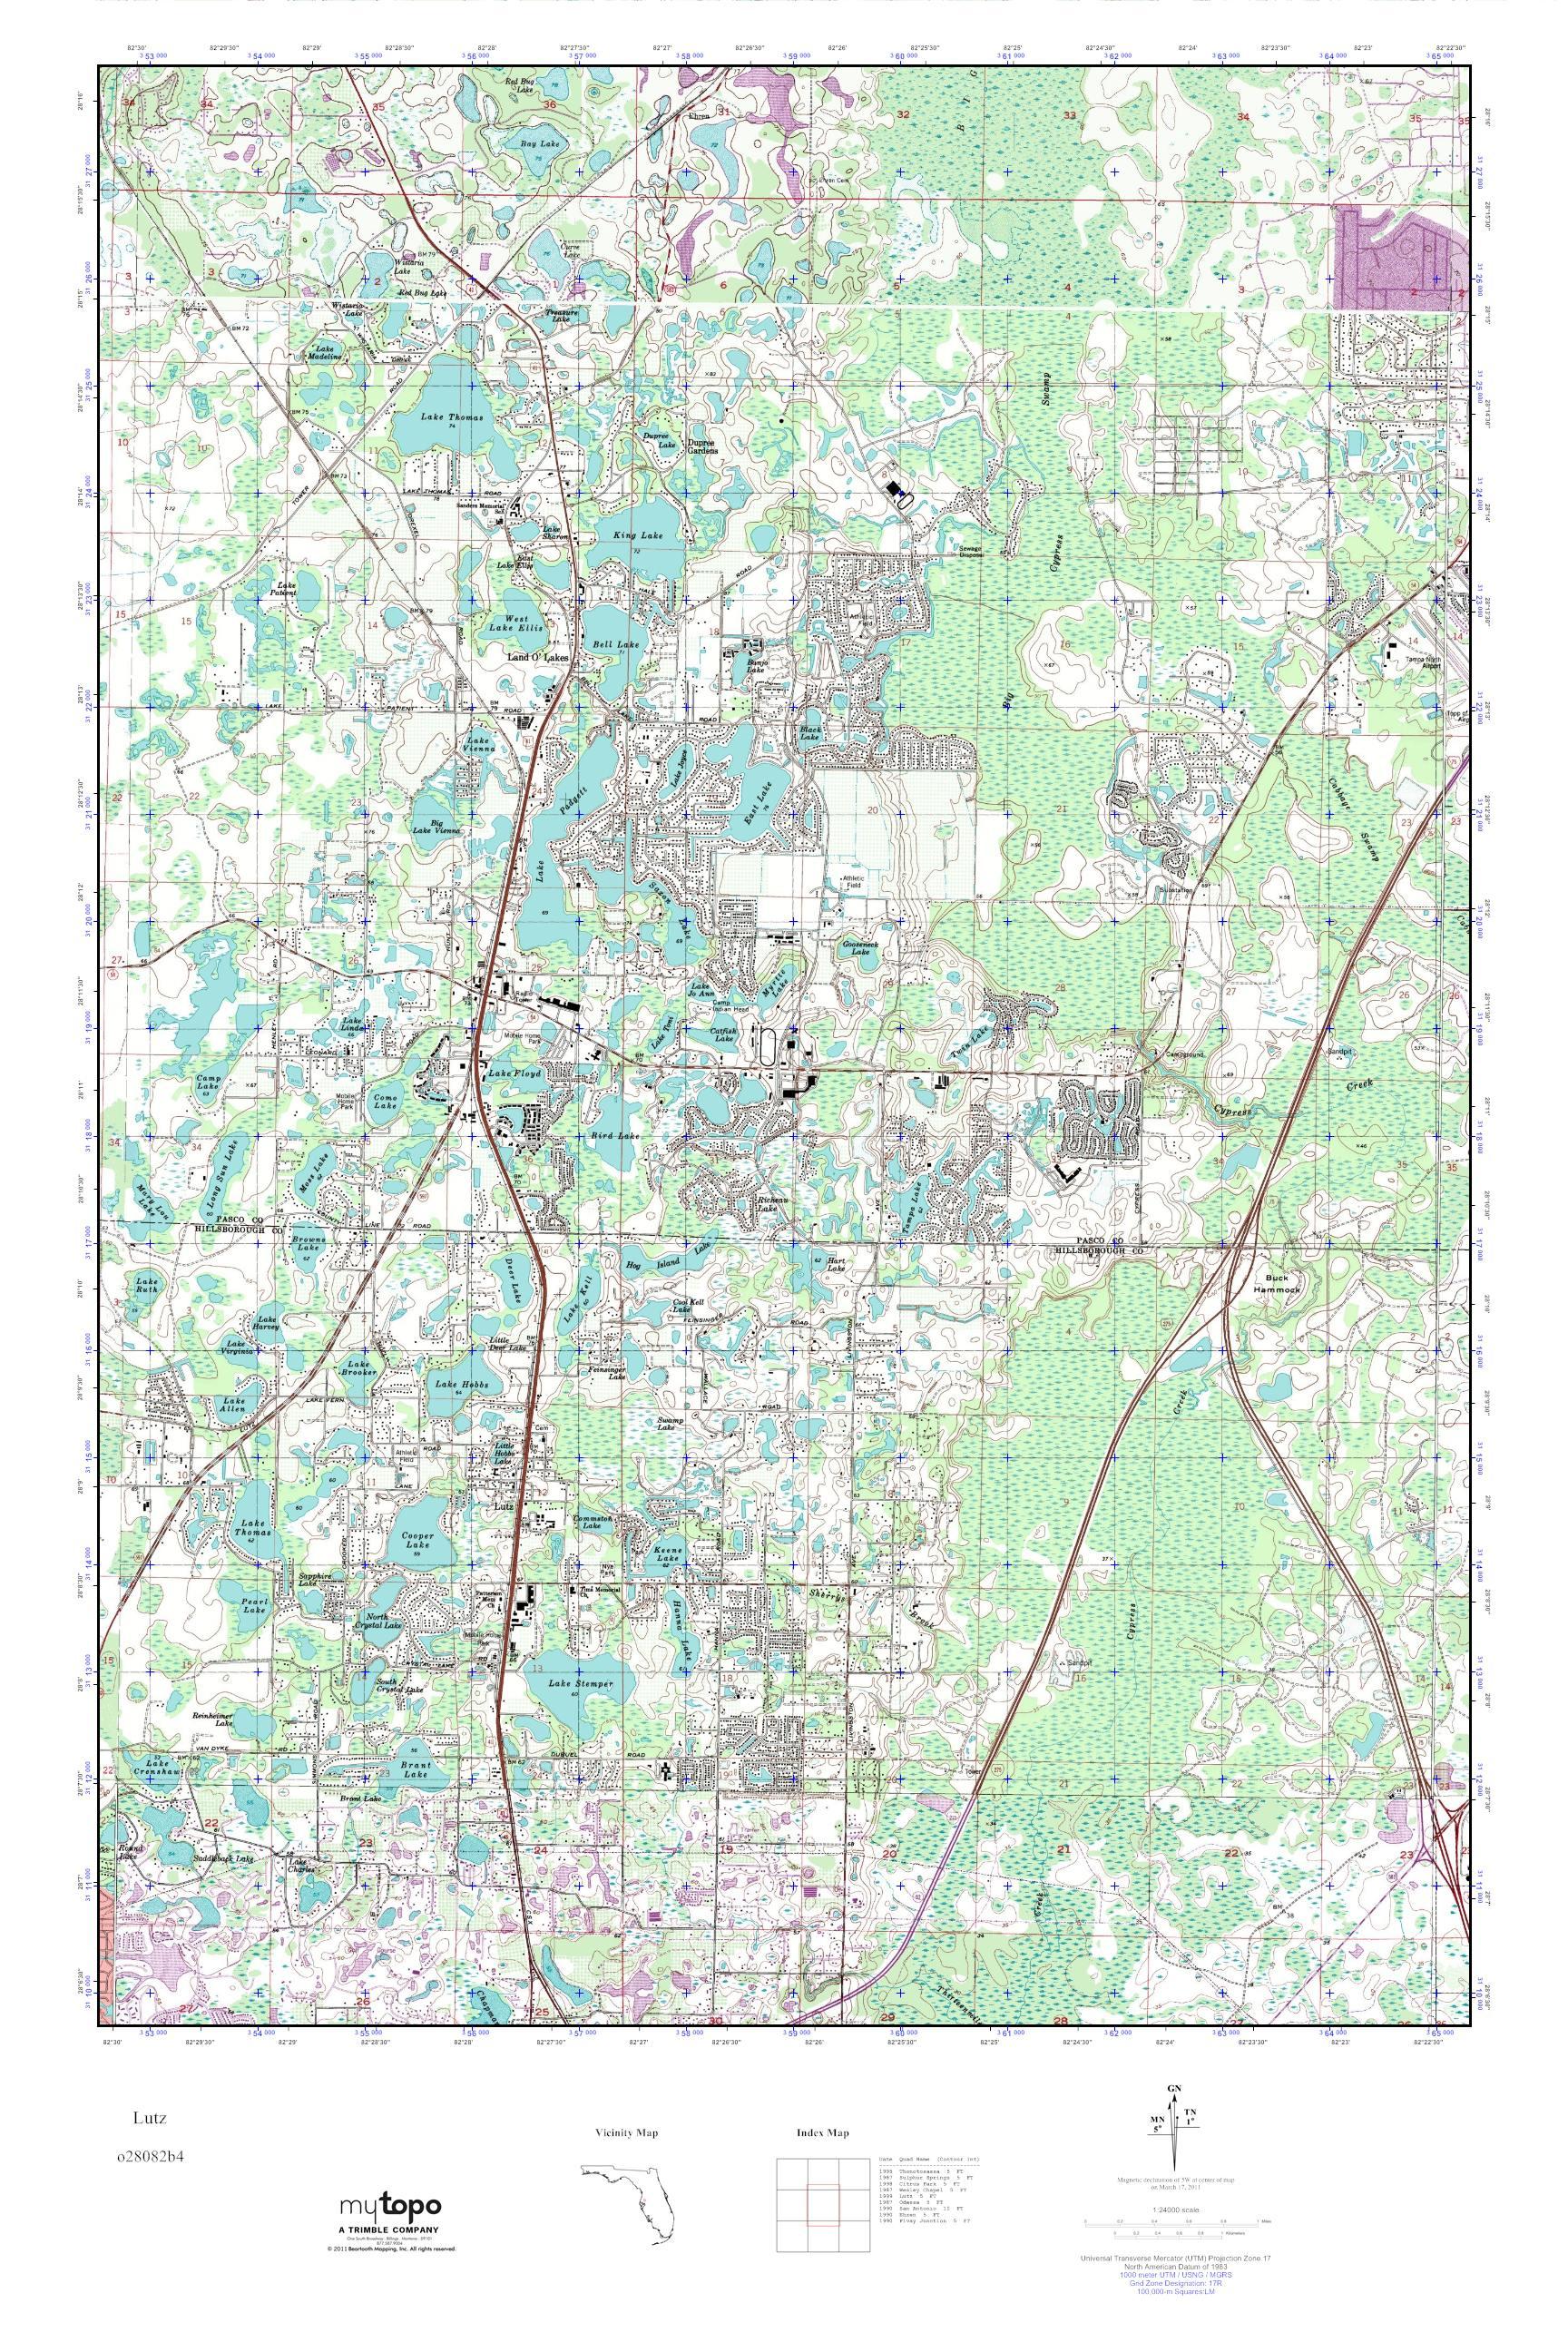 Mytopo Lutz, Florida Usgs Quad Topo Map - Lutz Florida Map